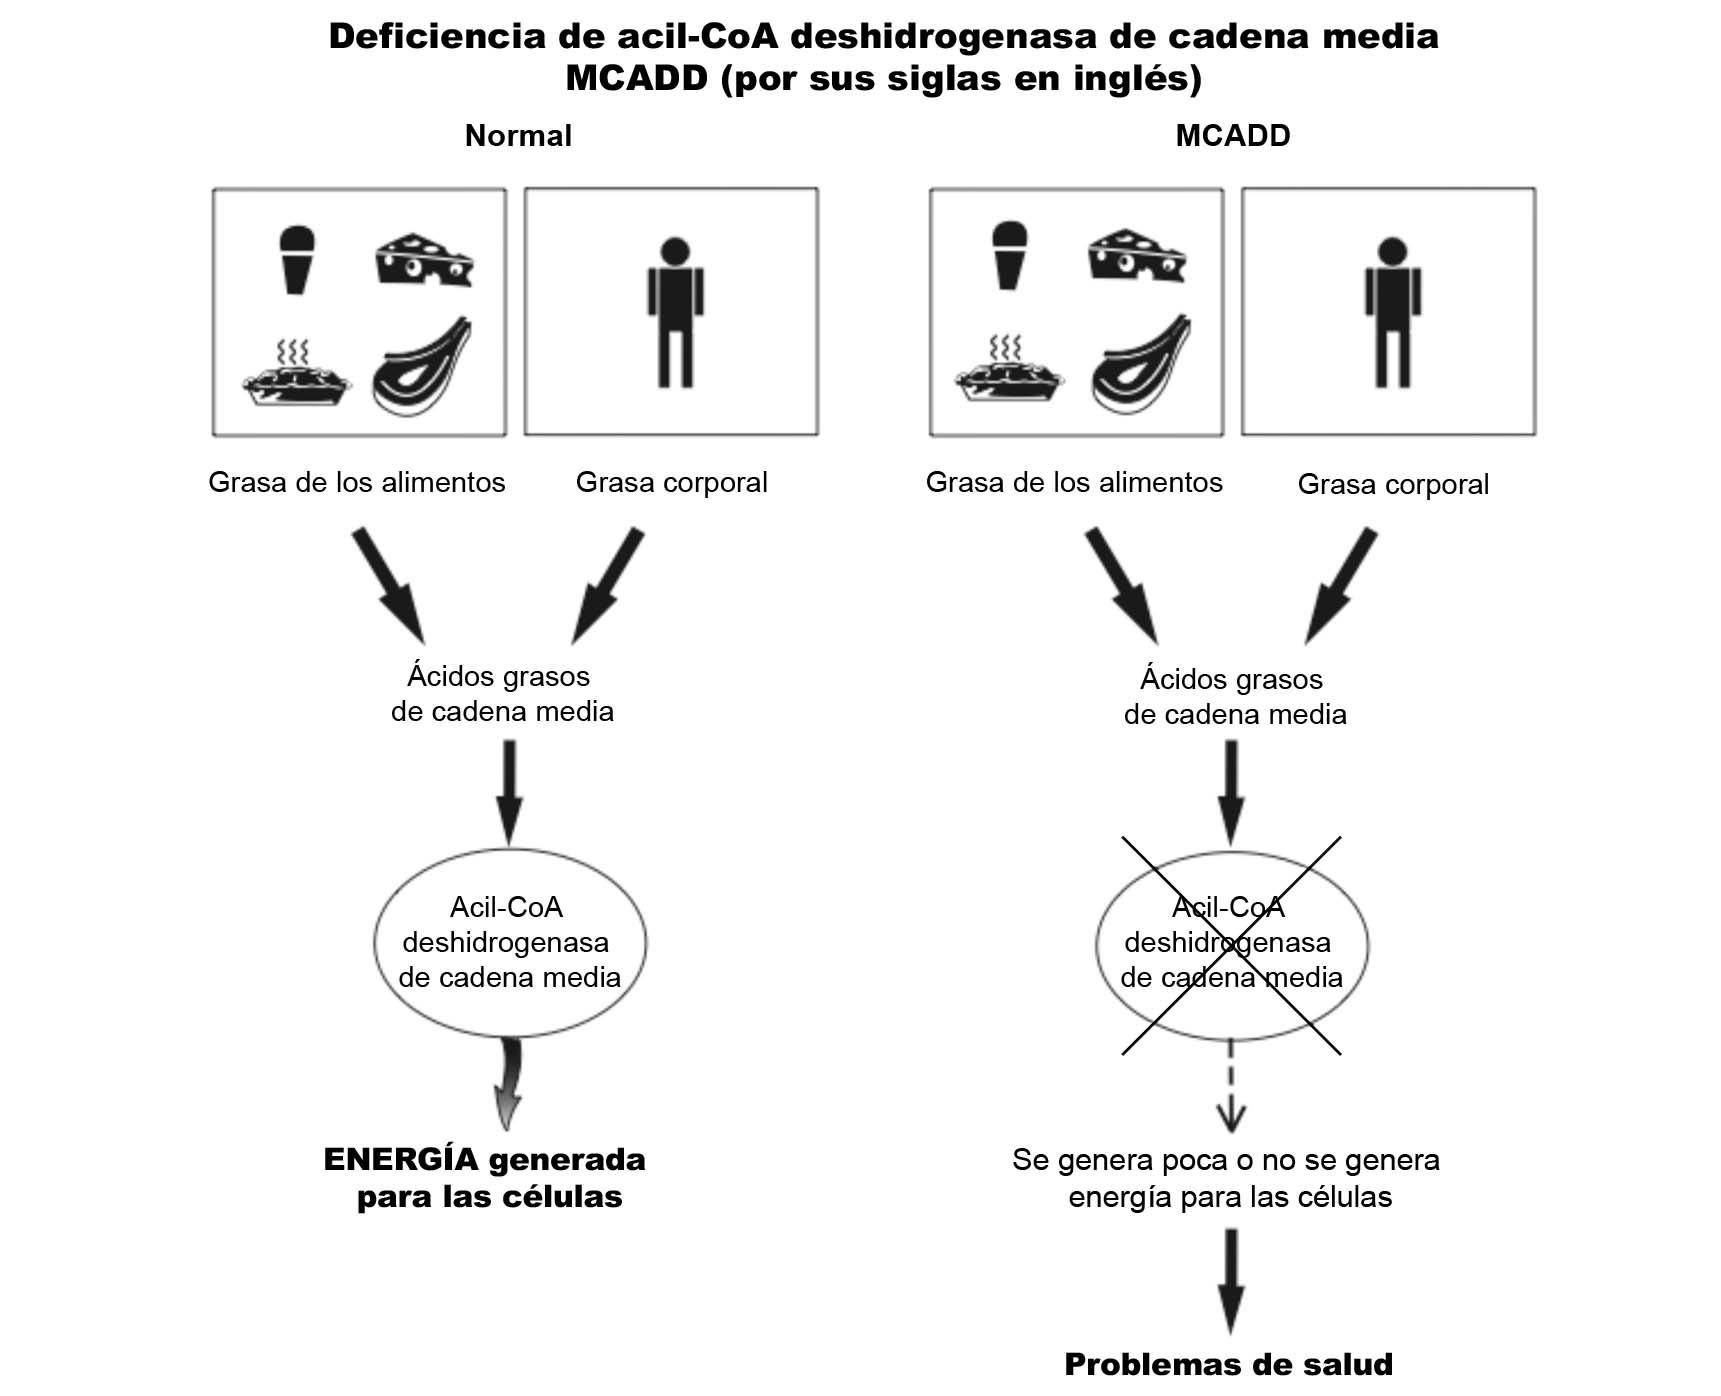 MCADD Diagram